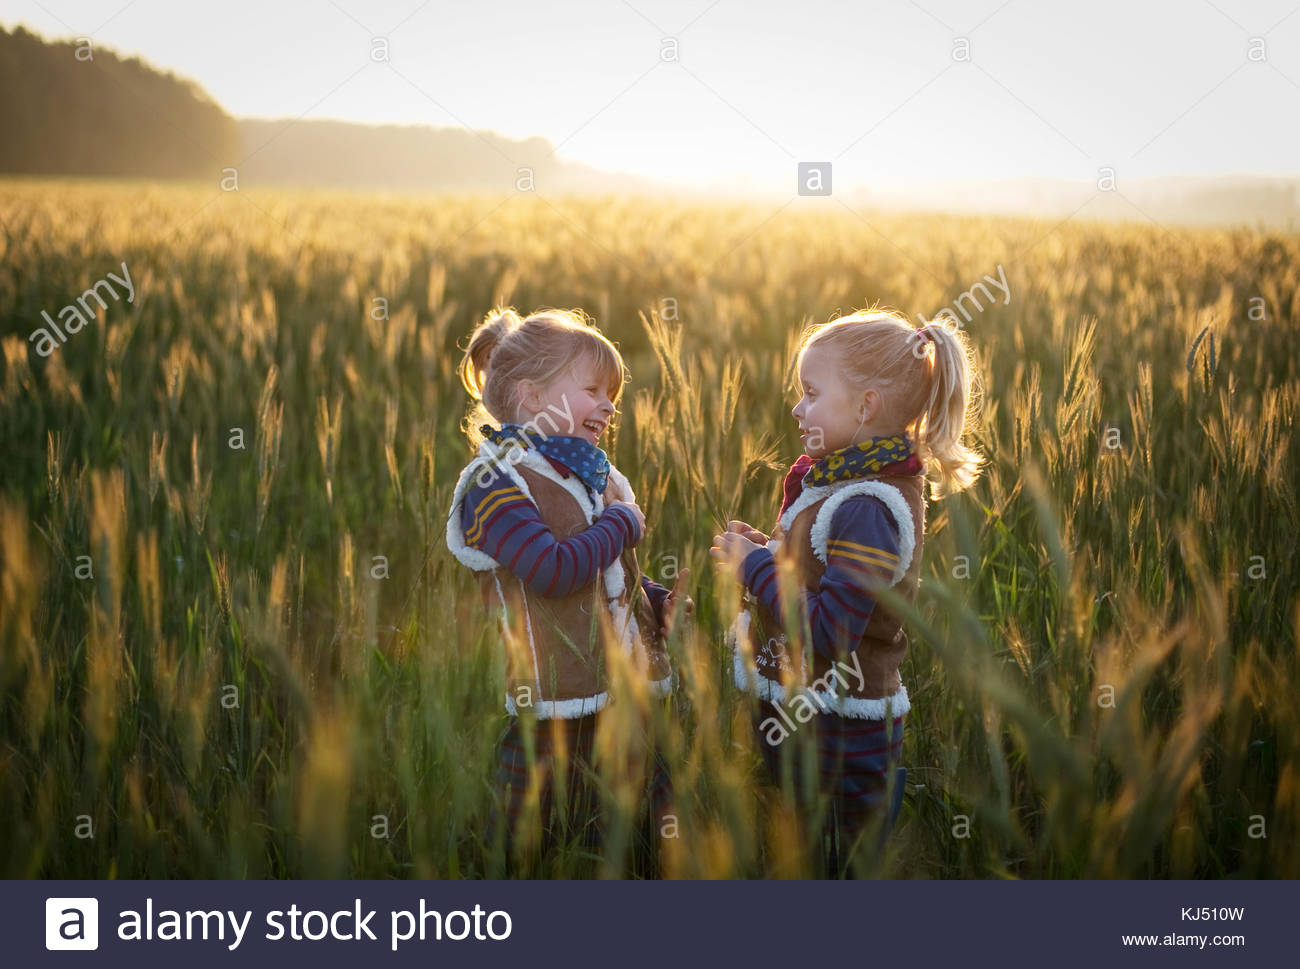 Petite fille dans une prairie lumineuse Photo Stock